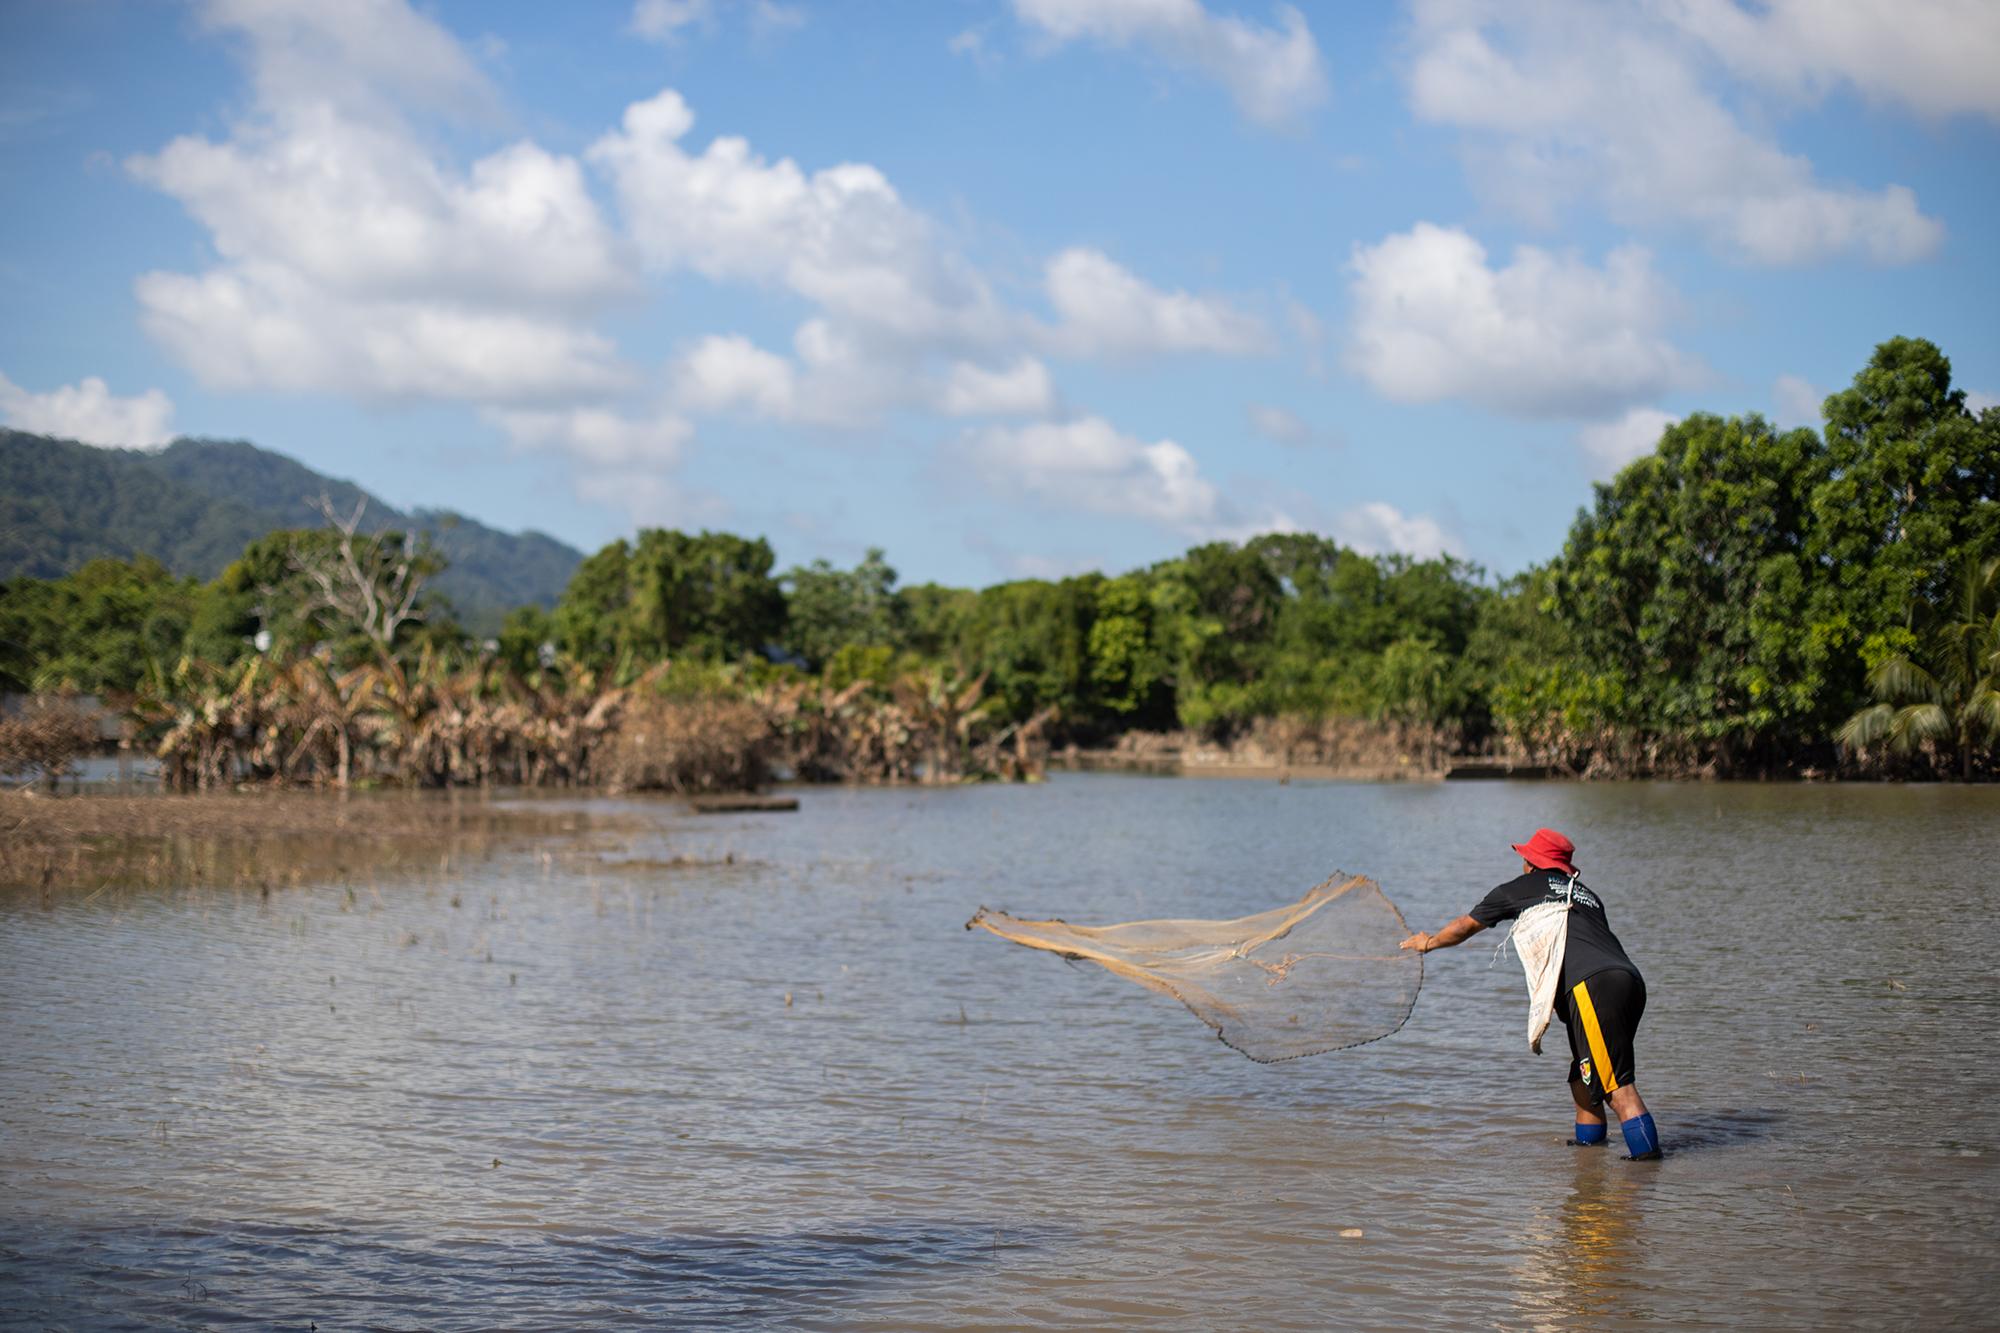 El río Chamelecón ha desbordado su cauce e inundado muchas comunidades a su paso, La Unión es una de ellas, Saúl es un pescador de 42 años, que aprovecha la crecida del río para pescar en una zona no tan alejada de su casa. Baracoa, Cortés, 15 de noviembre de 2020. Foto: Martín Cálix.